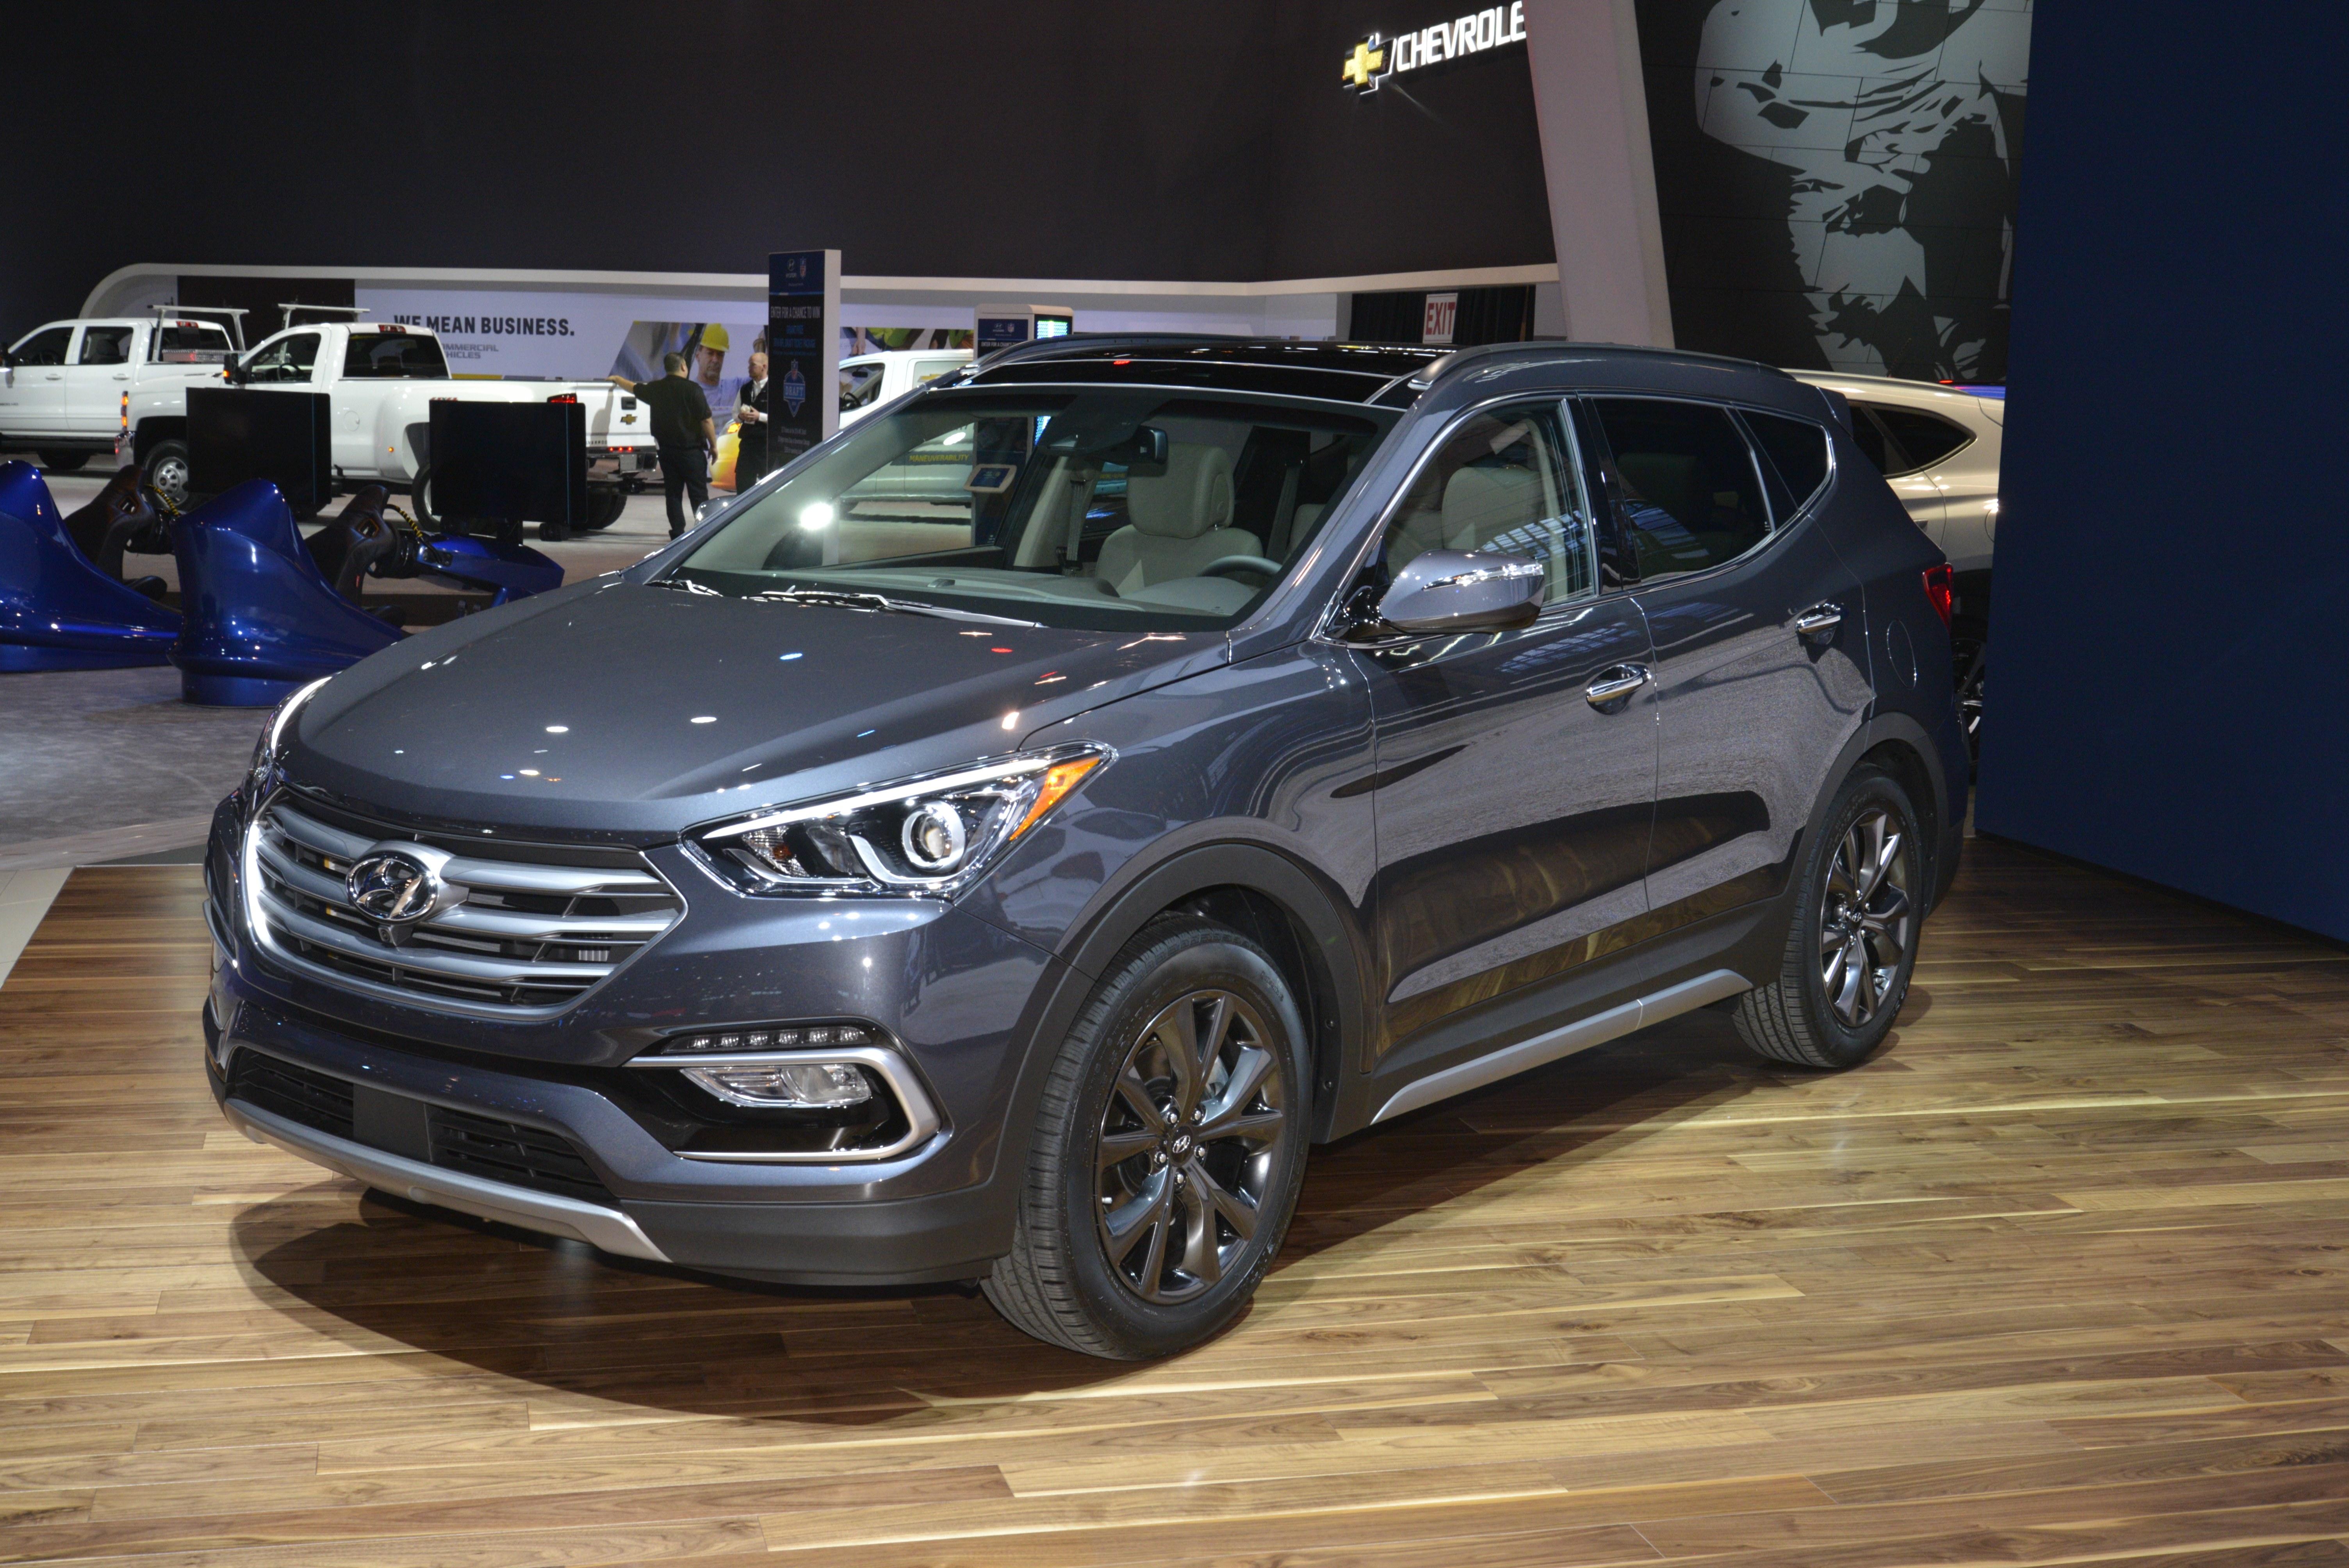 2017 Hyundai Santa Fe Sport-17 Image 440652